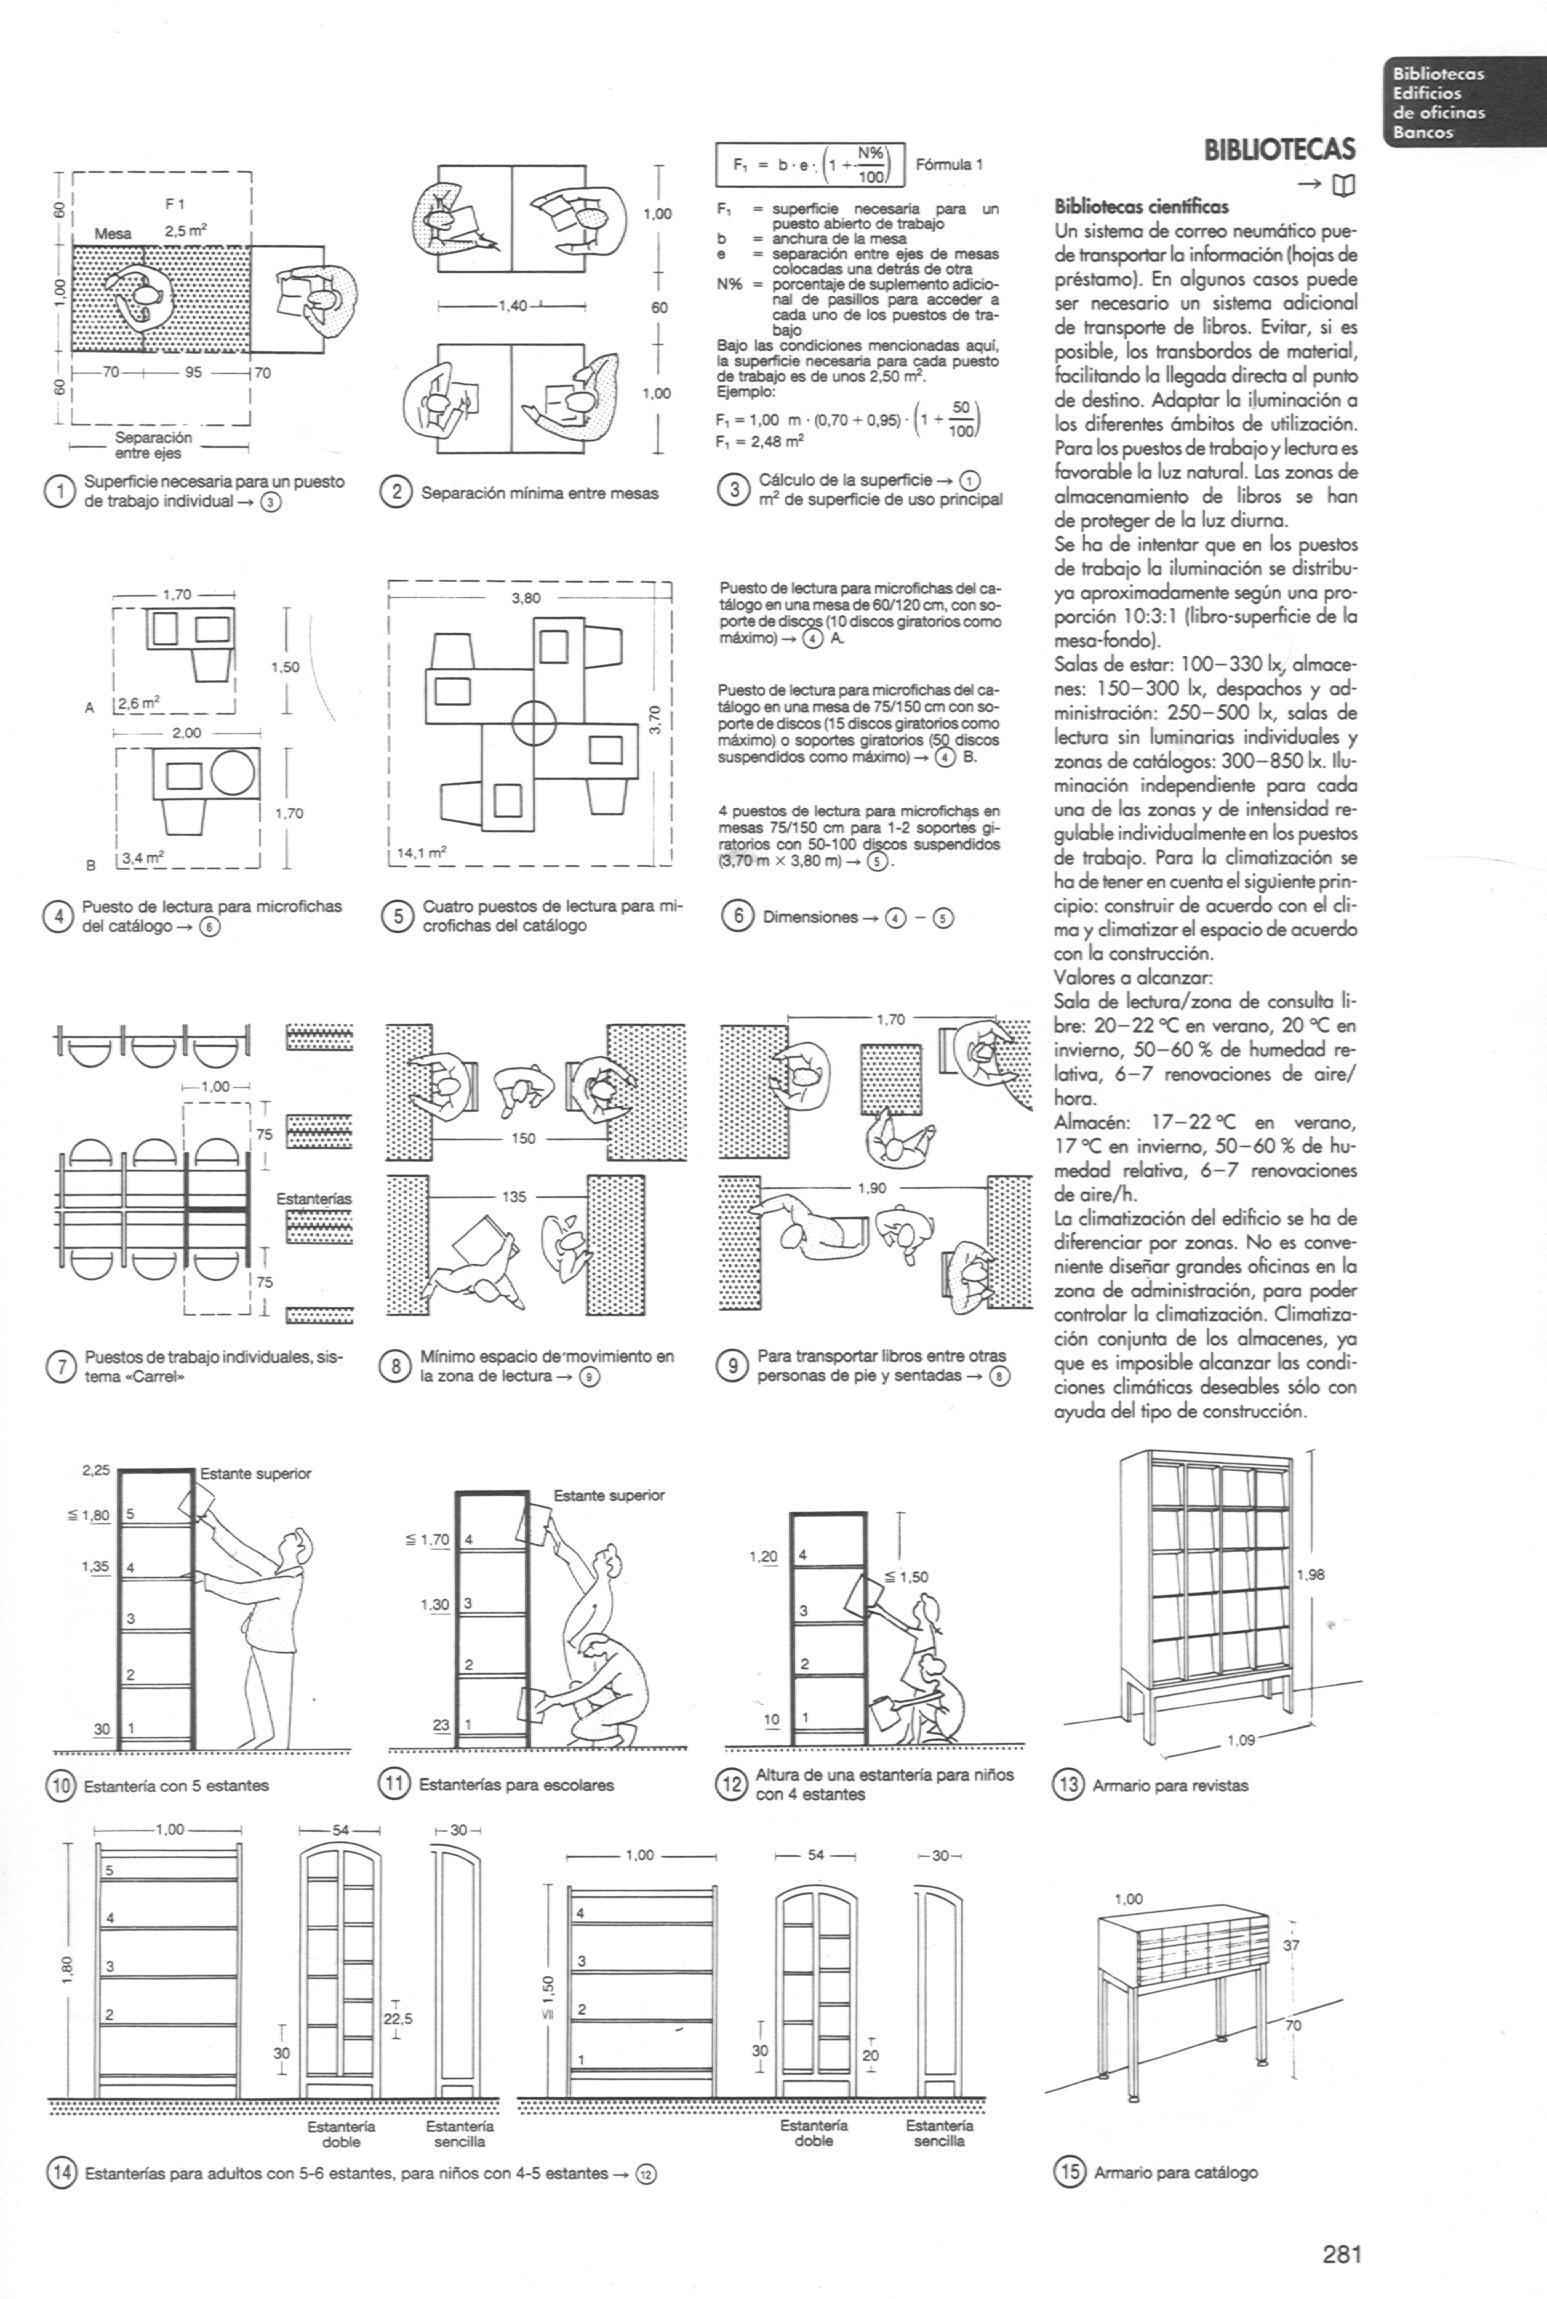 Lectura recomendada neufert el arte de proyectar en for Medidas en arquitectura pdf